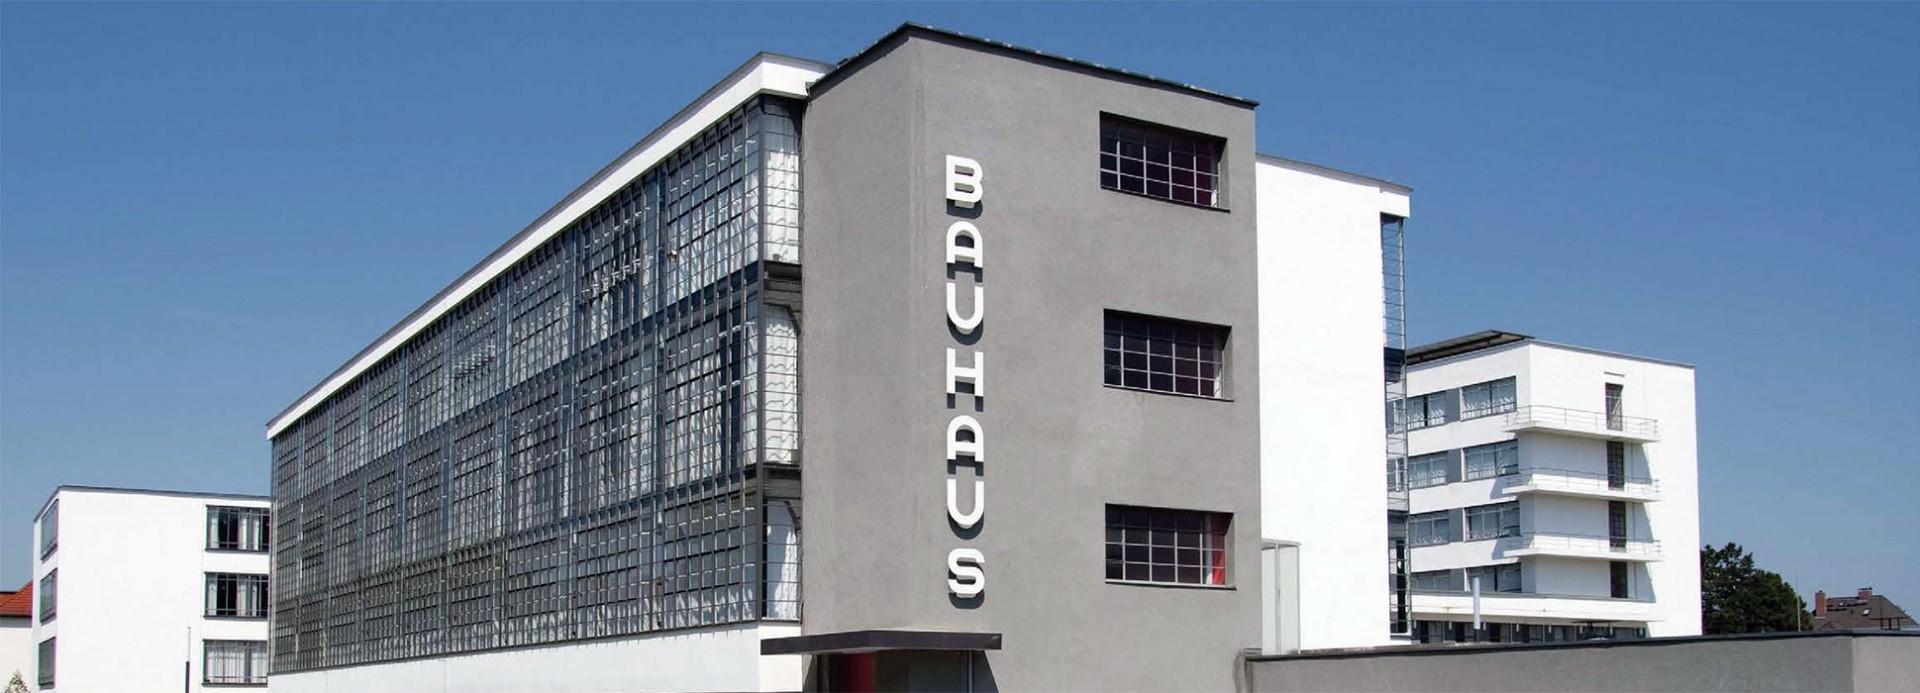 Međunarodni konkurs: Bauhaus muzej u Desau